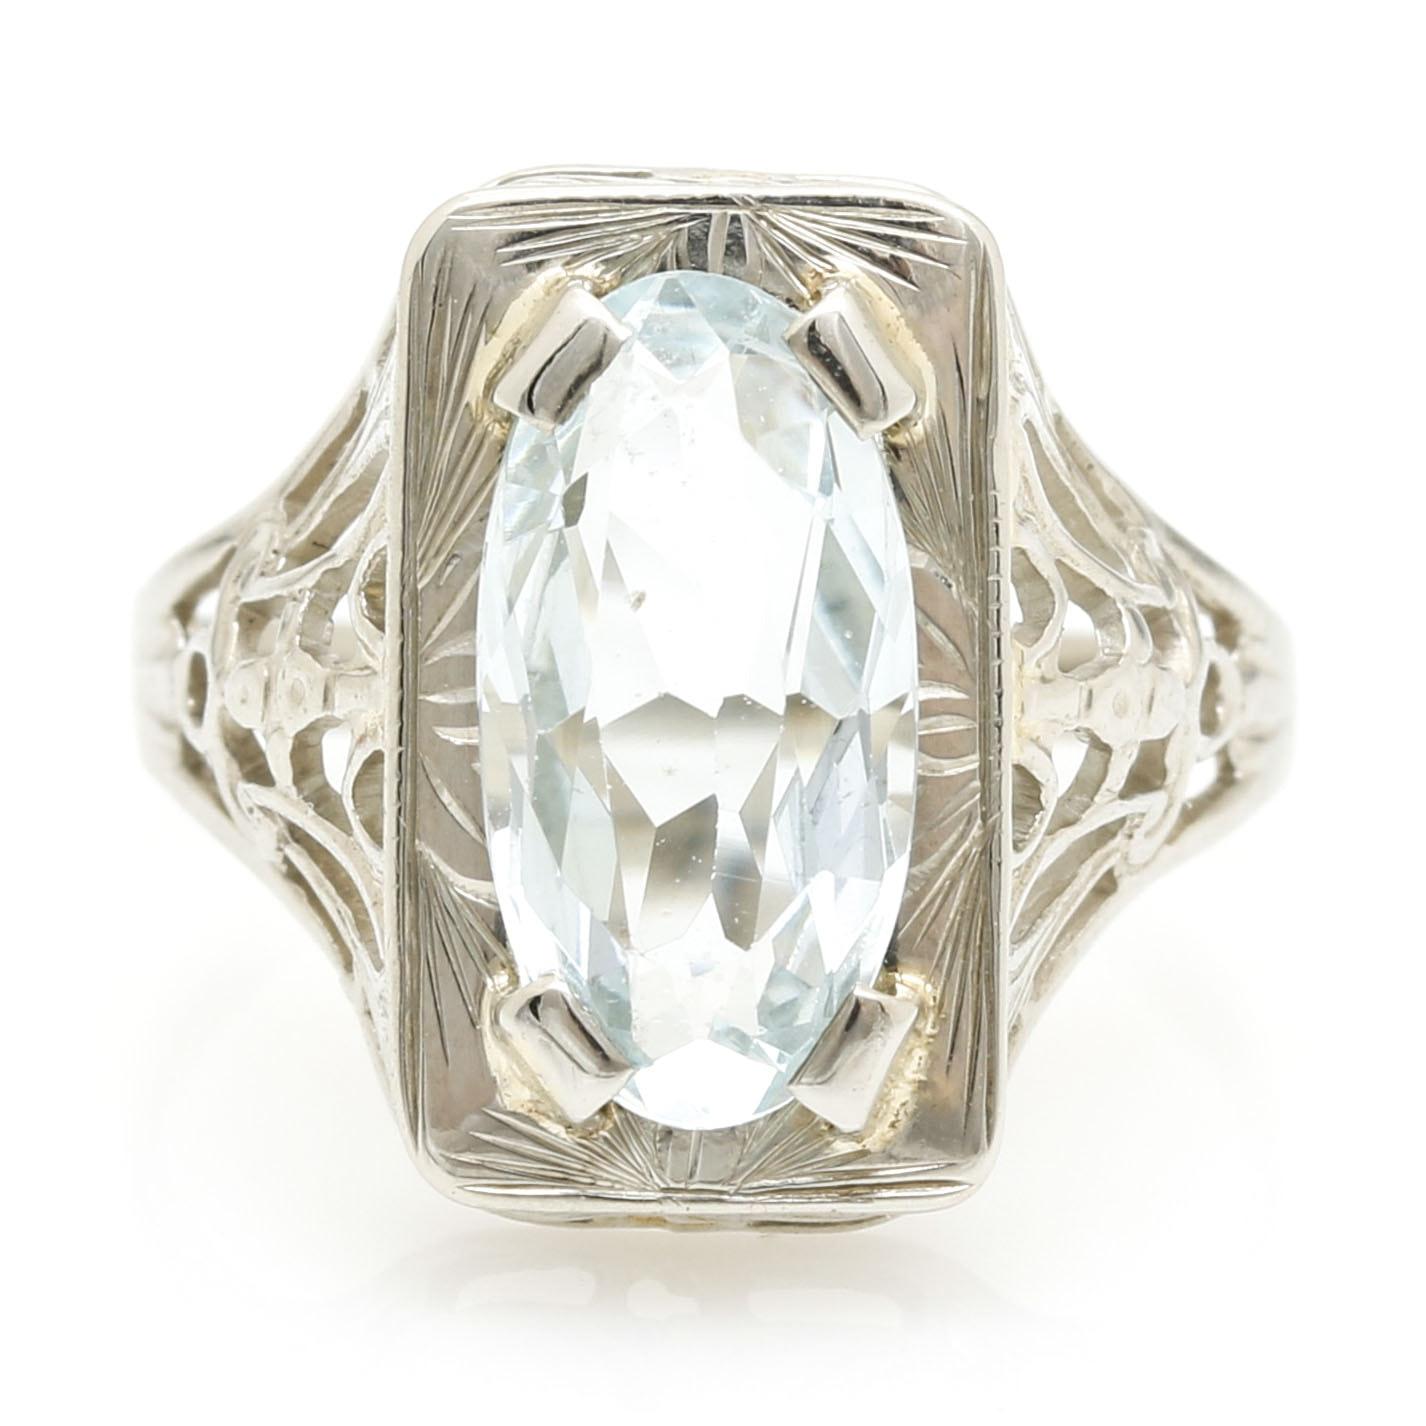 Late Edwardian 10K White Gold Filigree Ring With Aquamarine Stone